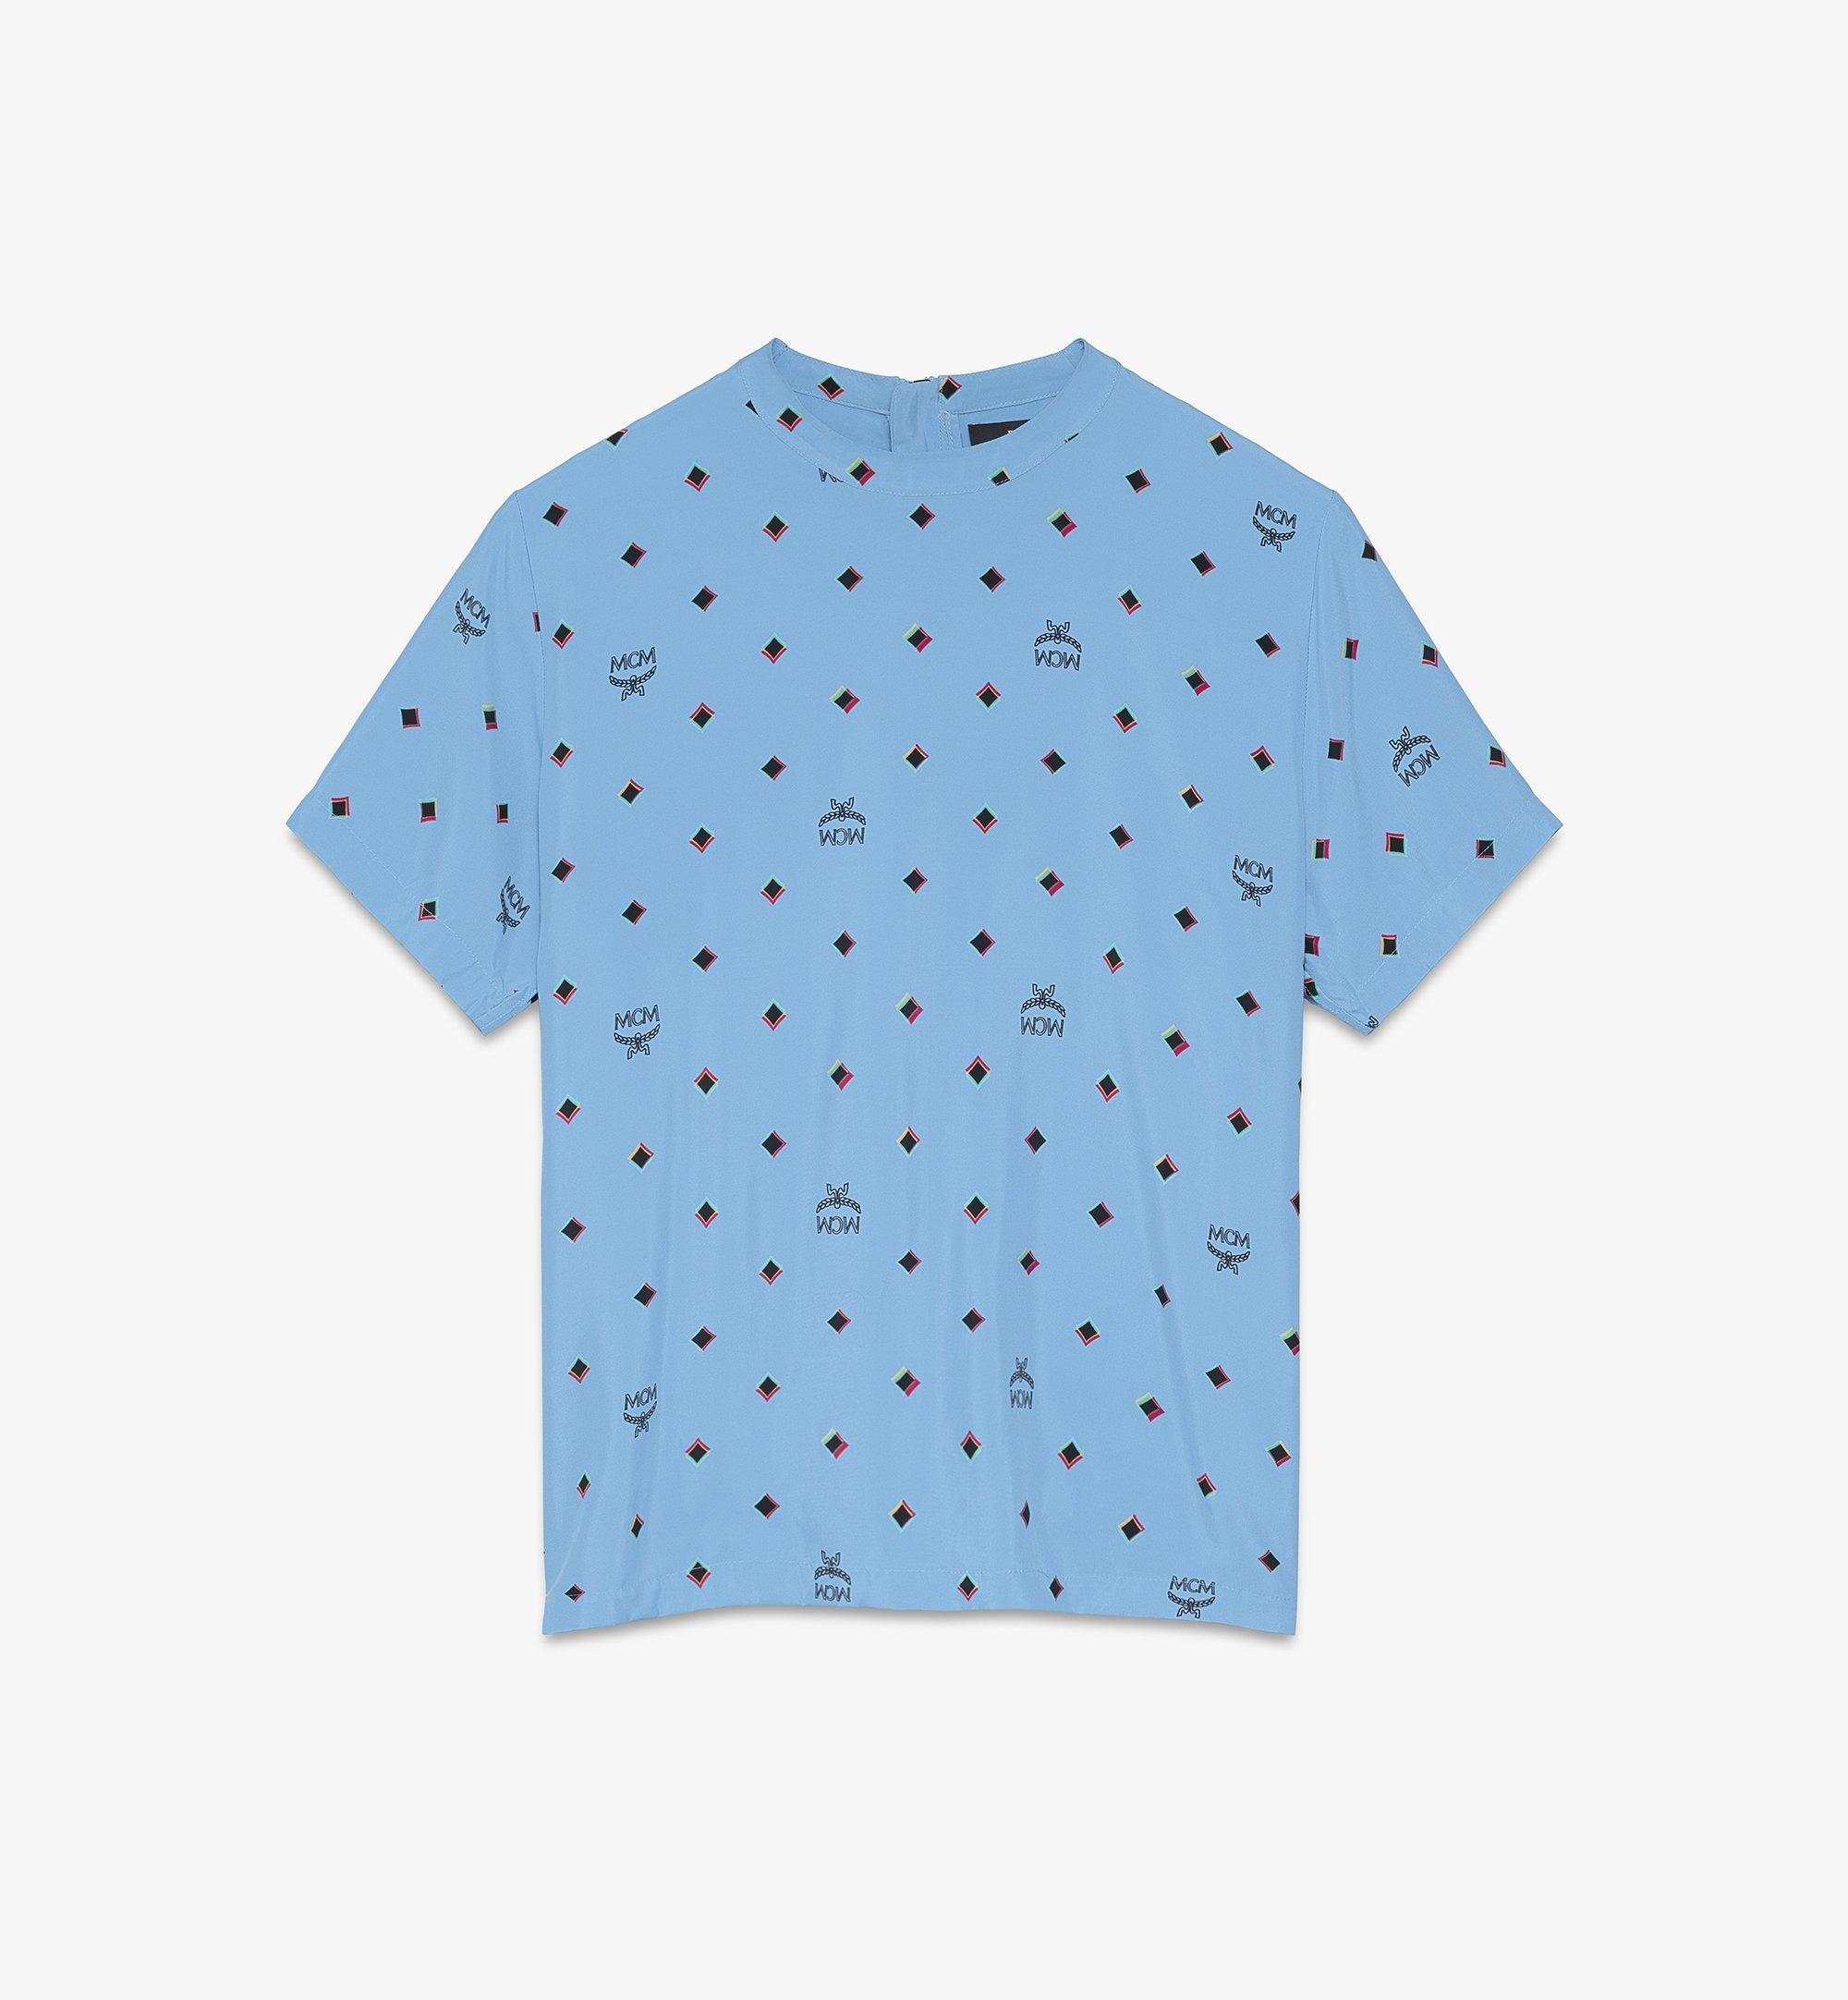 MCM 〈MCM 1976〉ウィメンズ ディスコ ダイヤモンドプリント Tシャツ  MFTASMV05H200M Alternate View 1